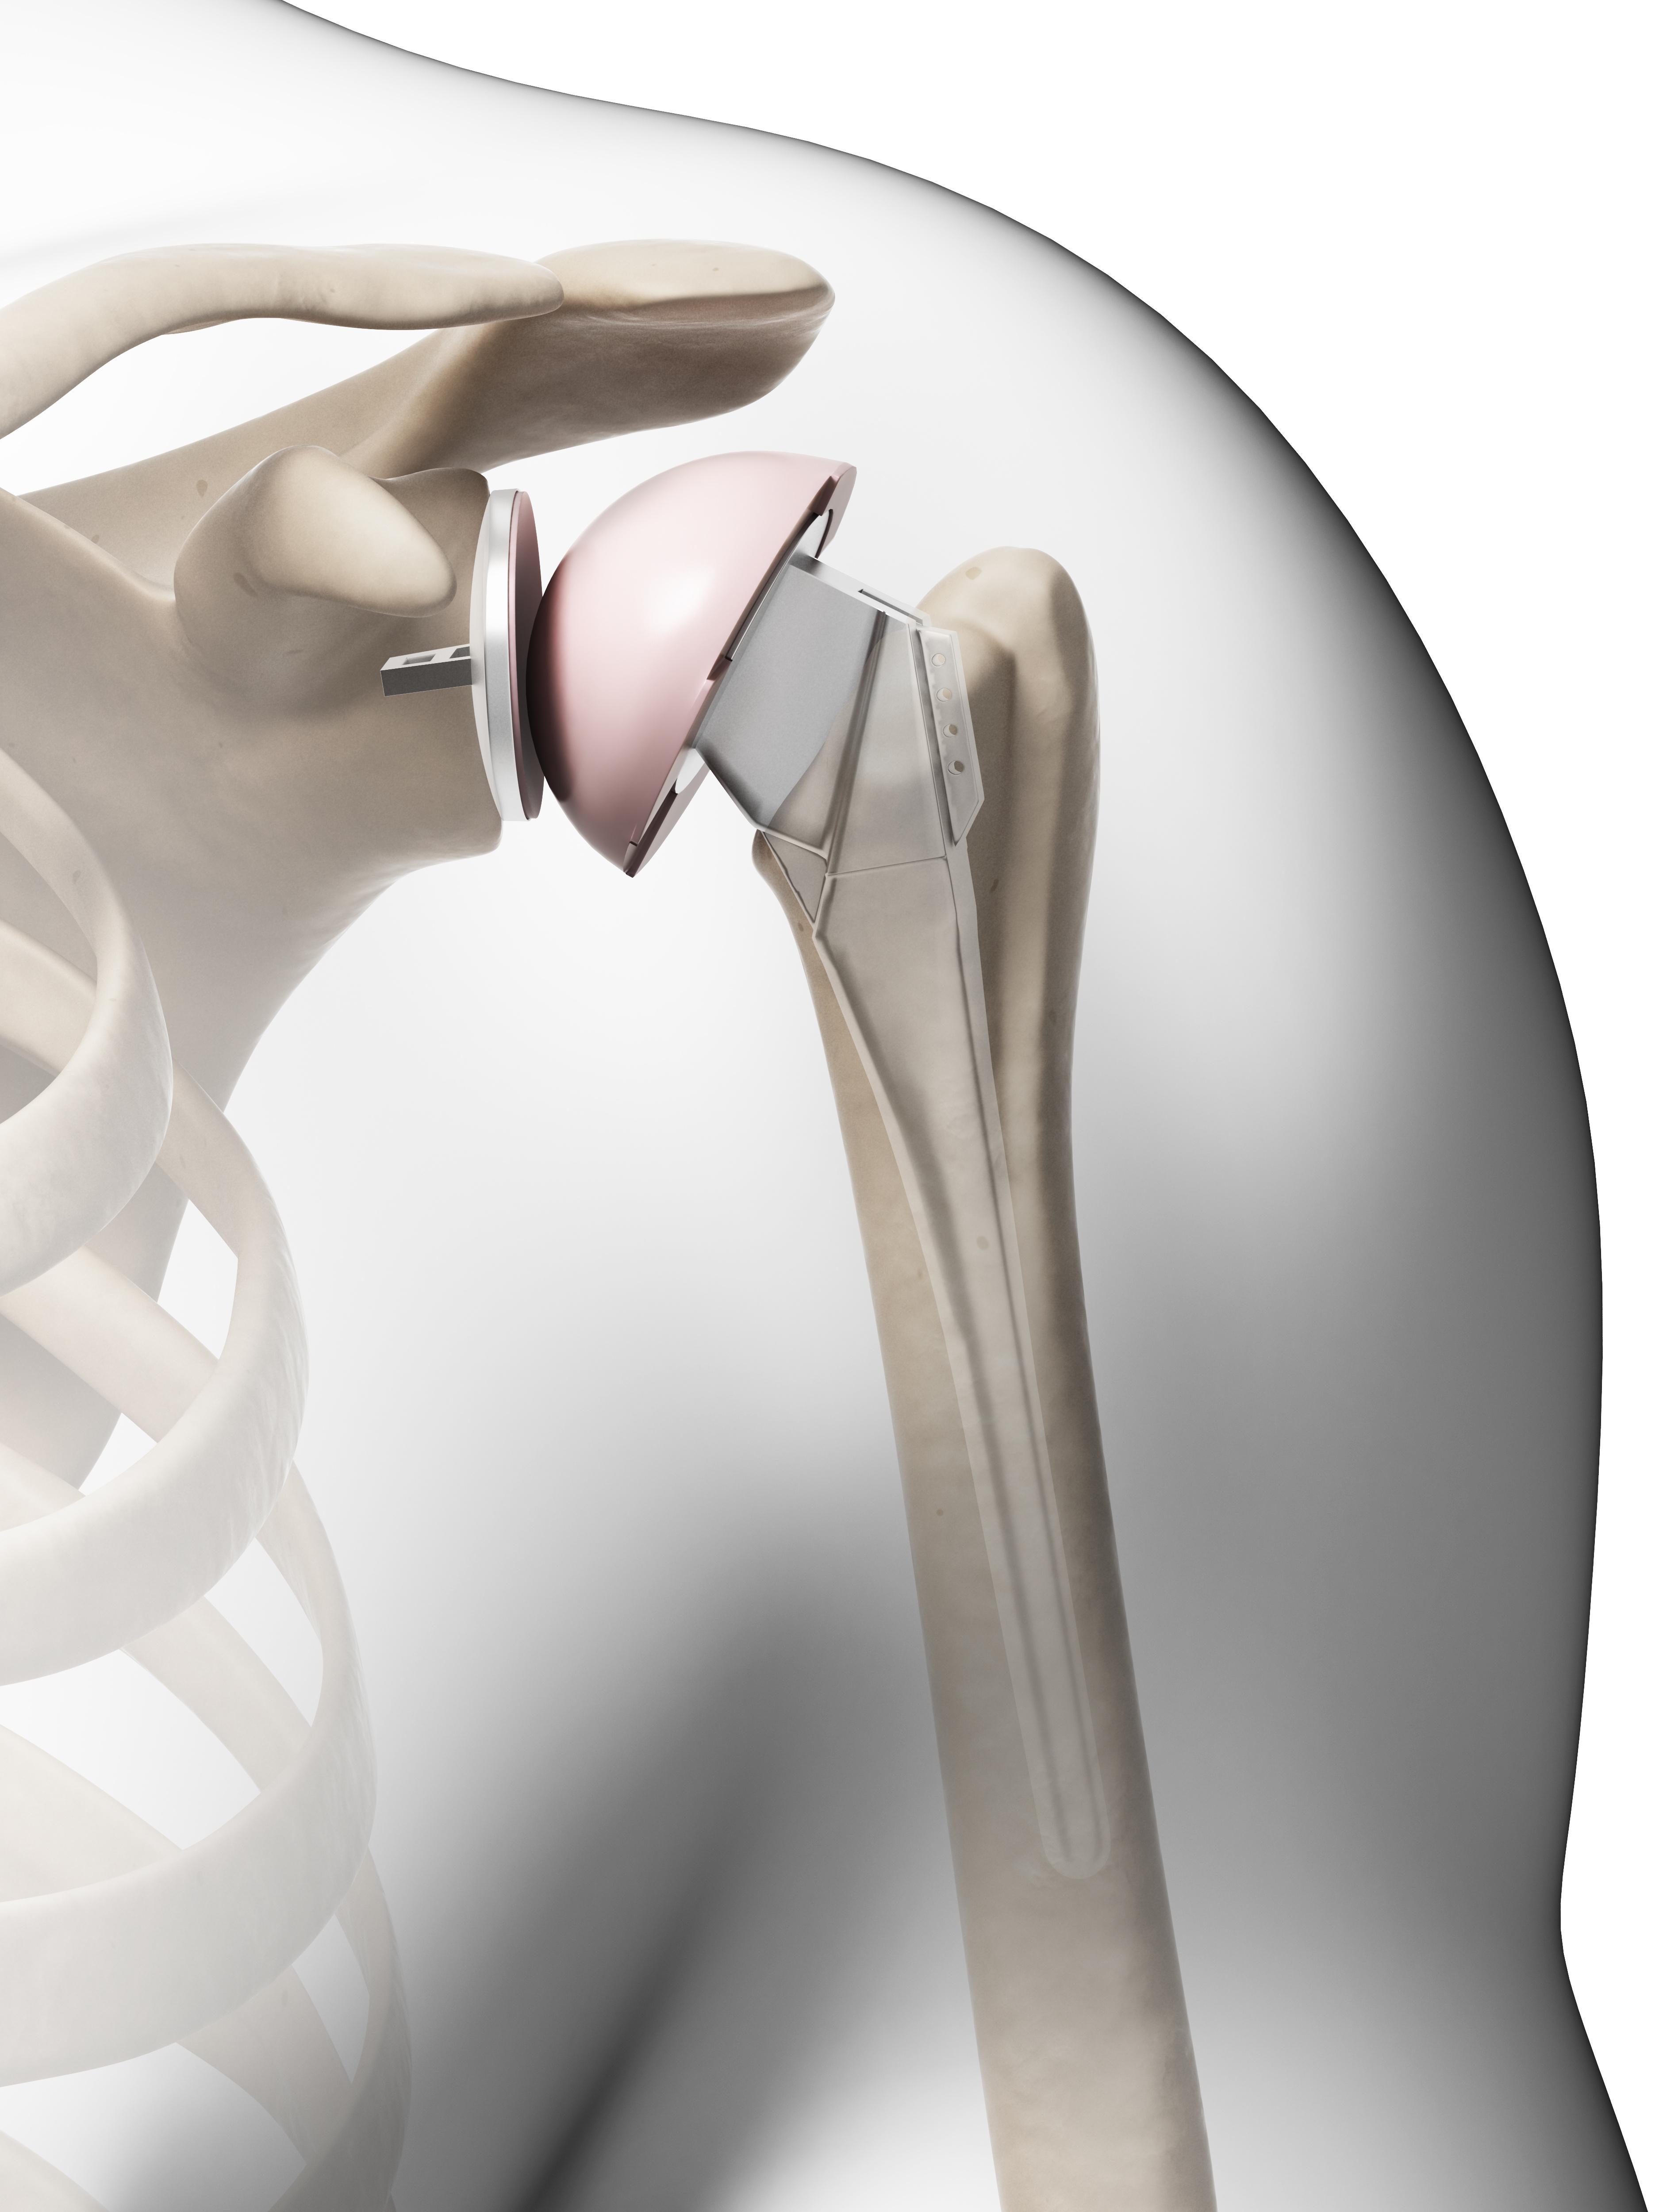 3D Rendering of shoulder replacement